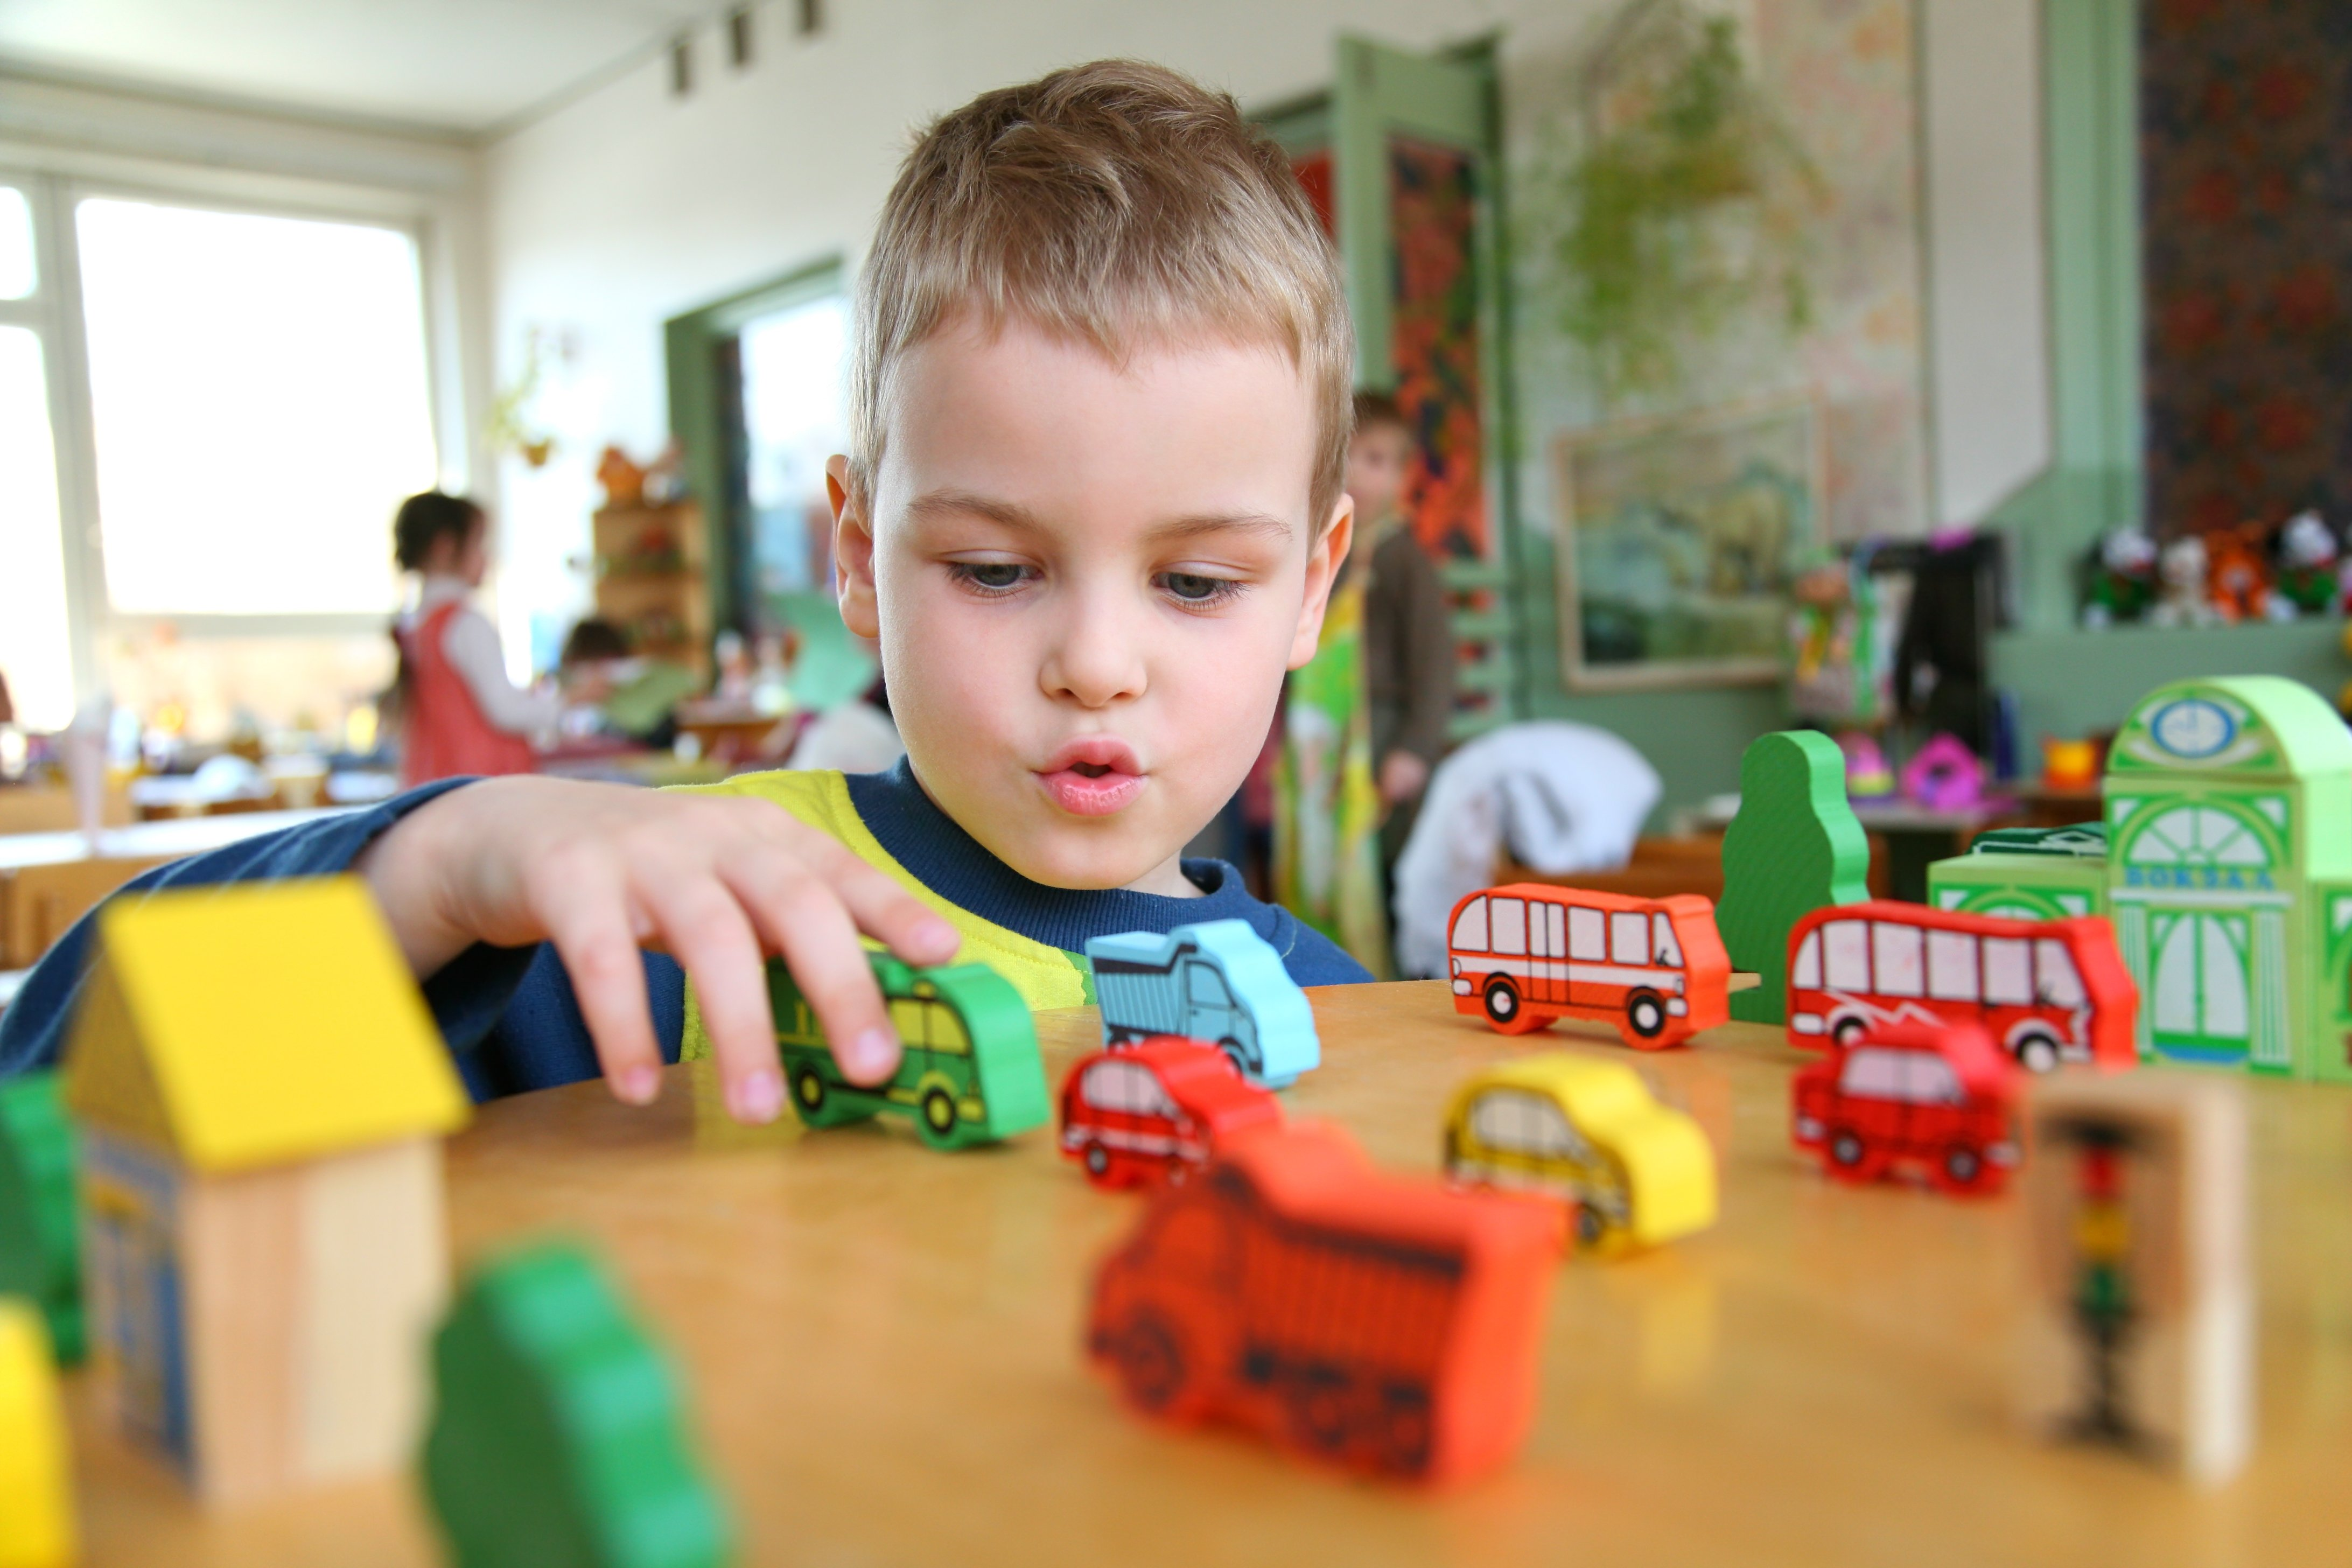 Un petit garçon qui joue avec des voitures à l'école   Image: Flickr